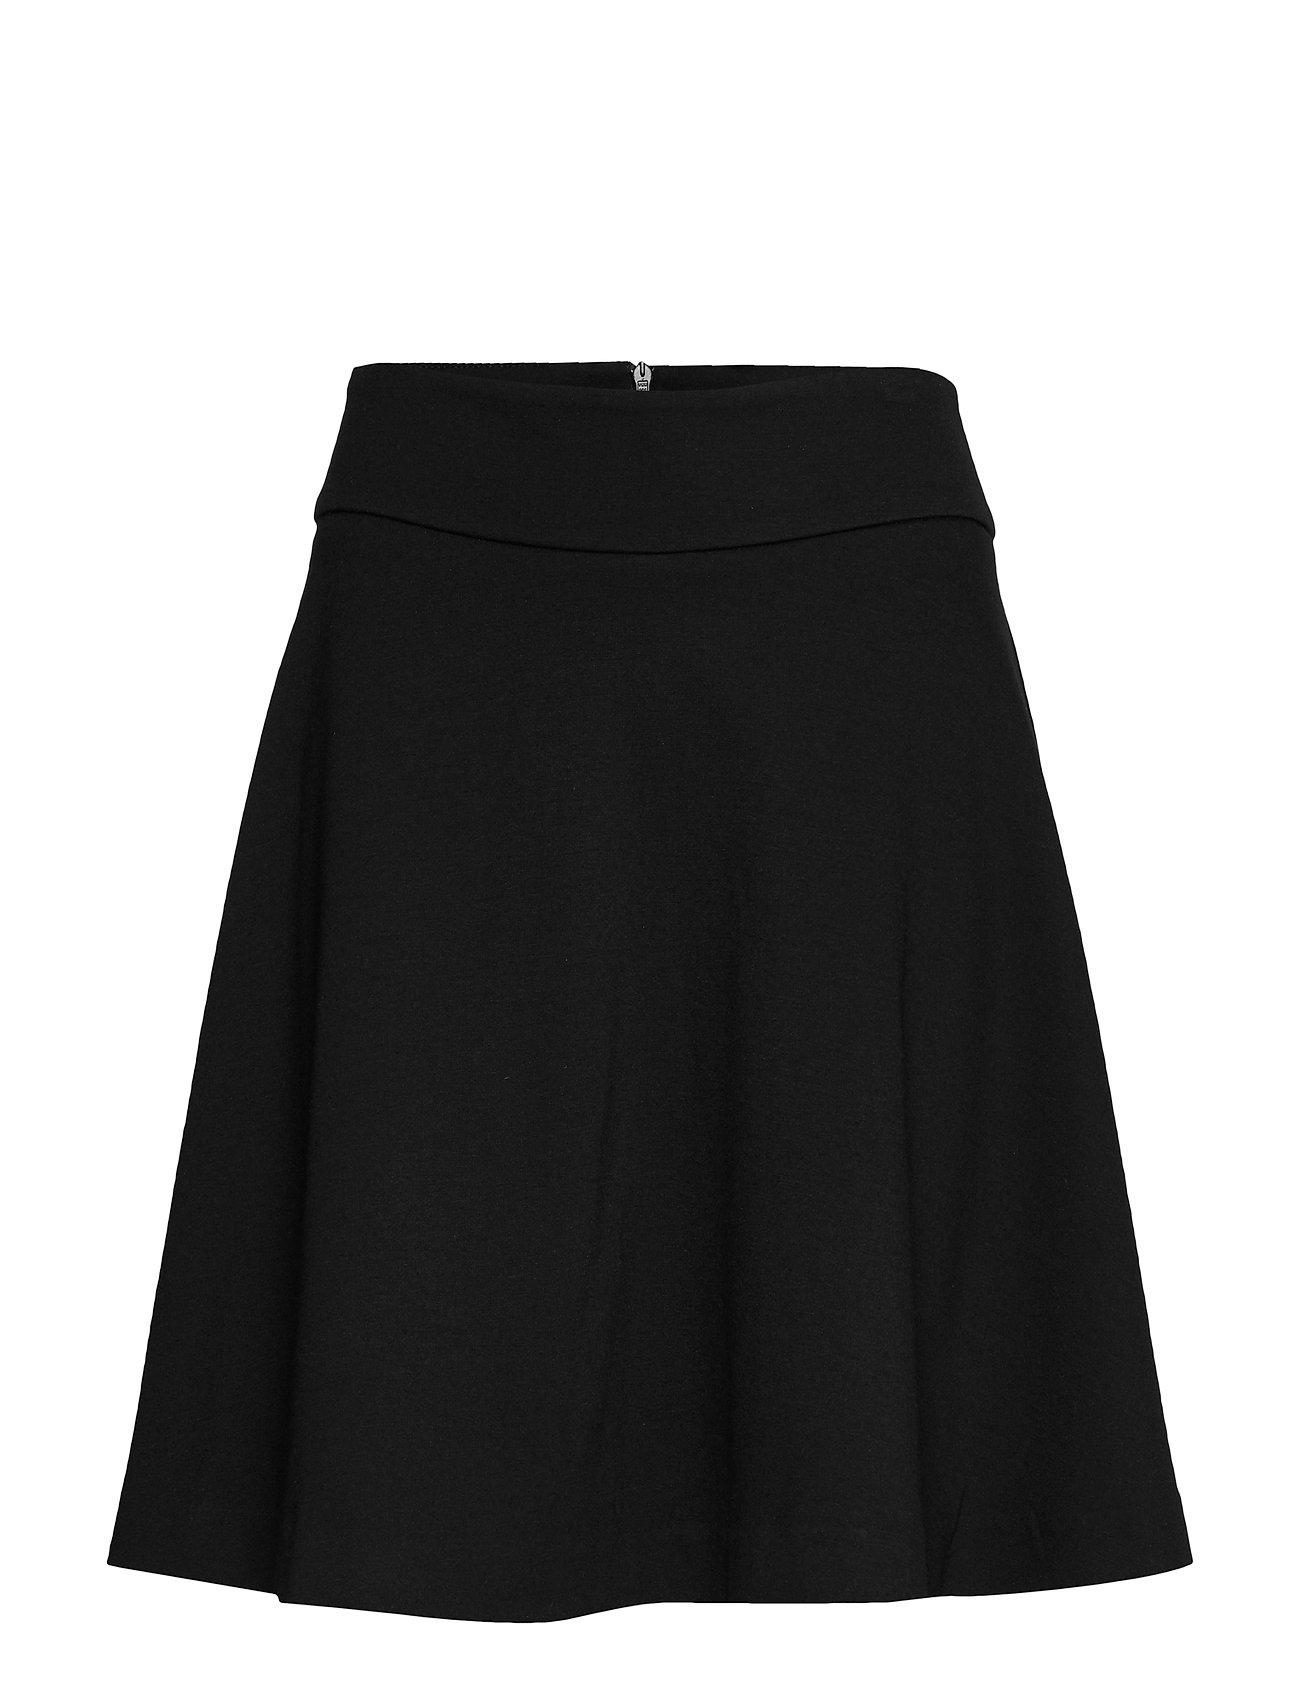 Rosemunde Skirt - BLACK